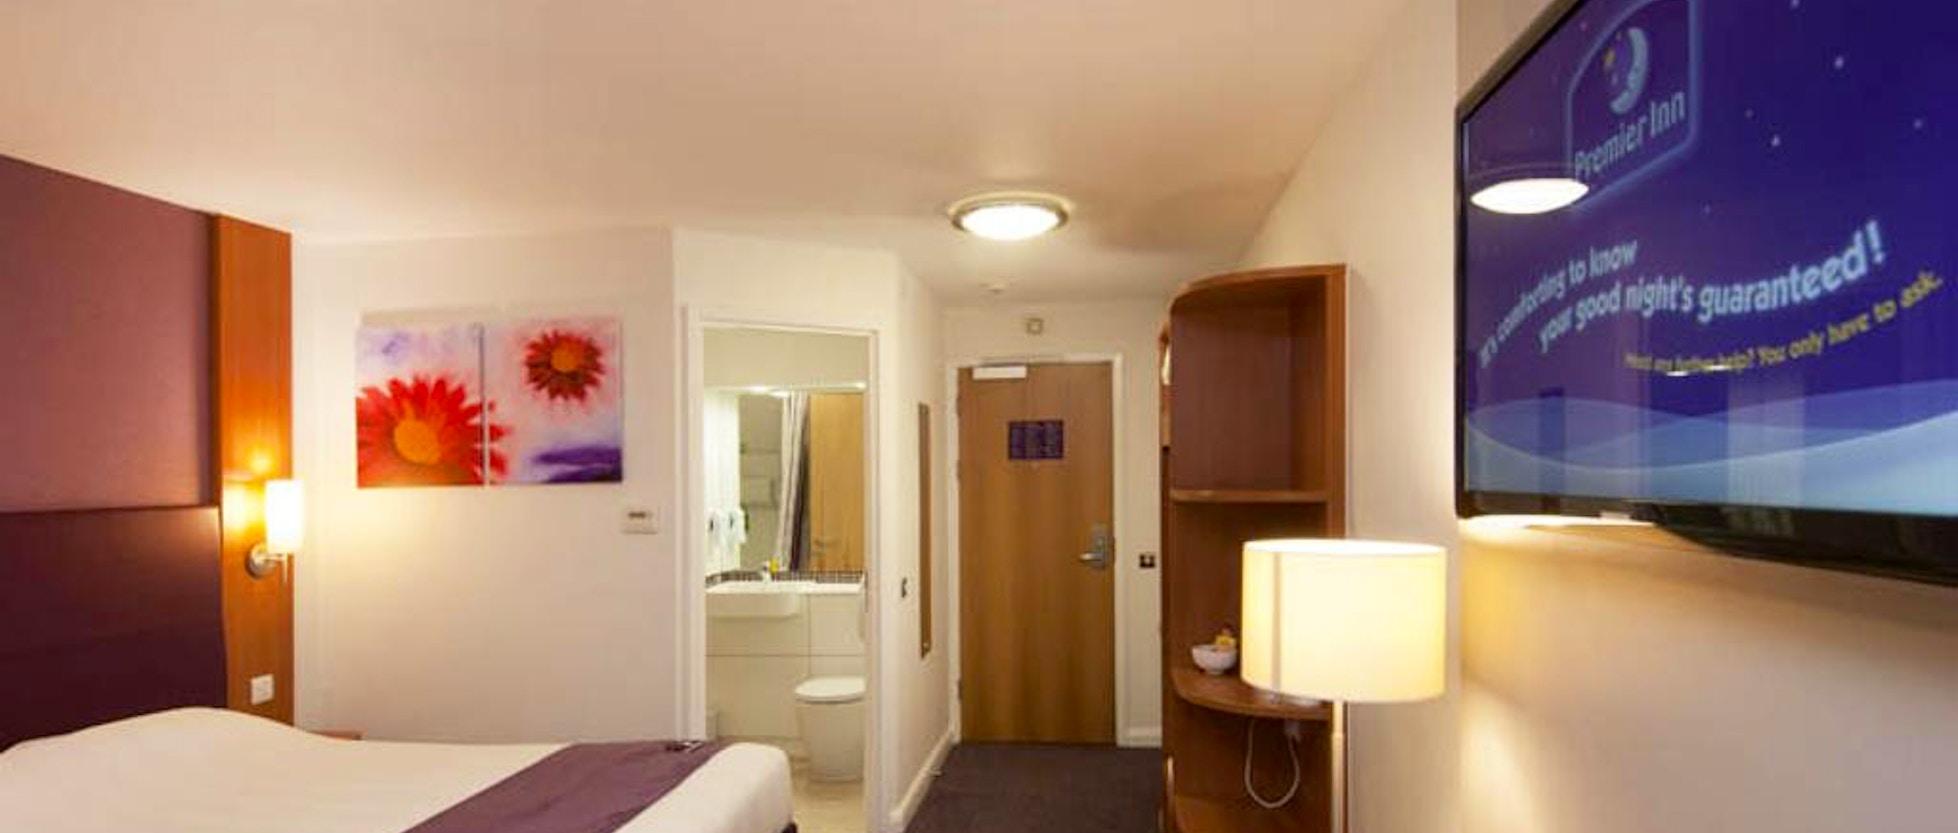 Premier Inn Londra: Catena di hotel (economica) family friendly